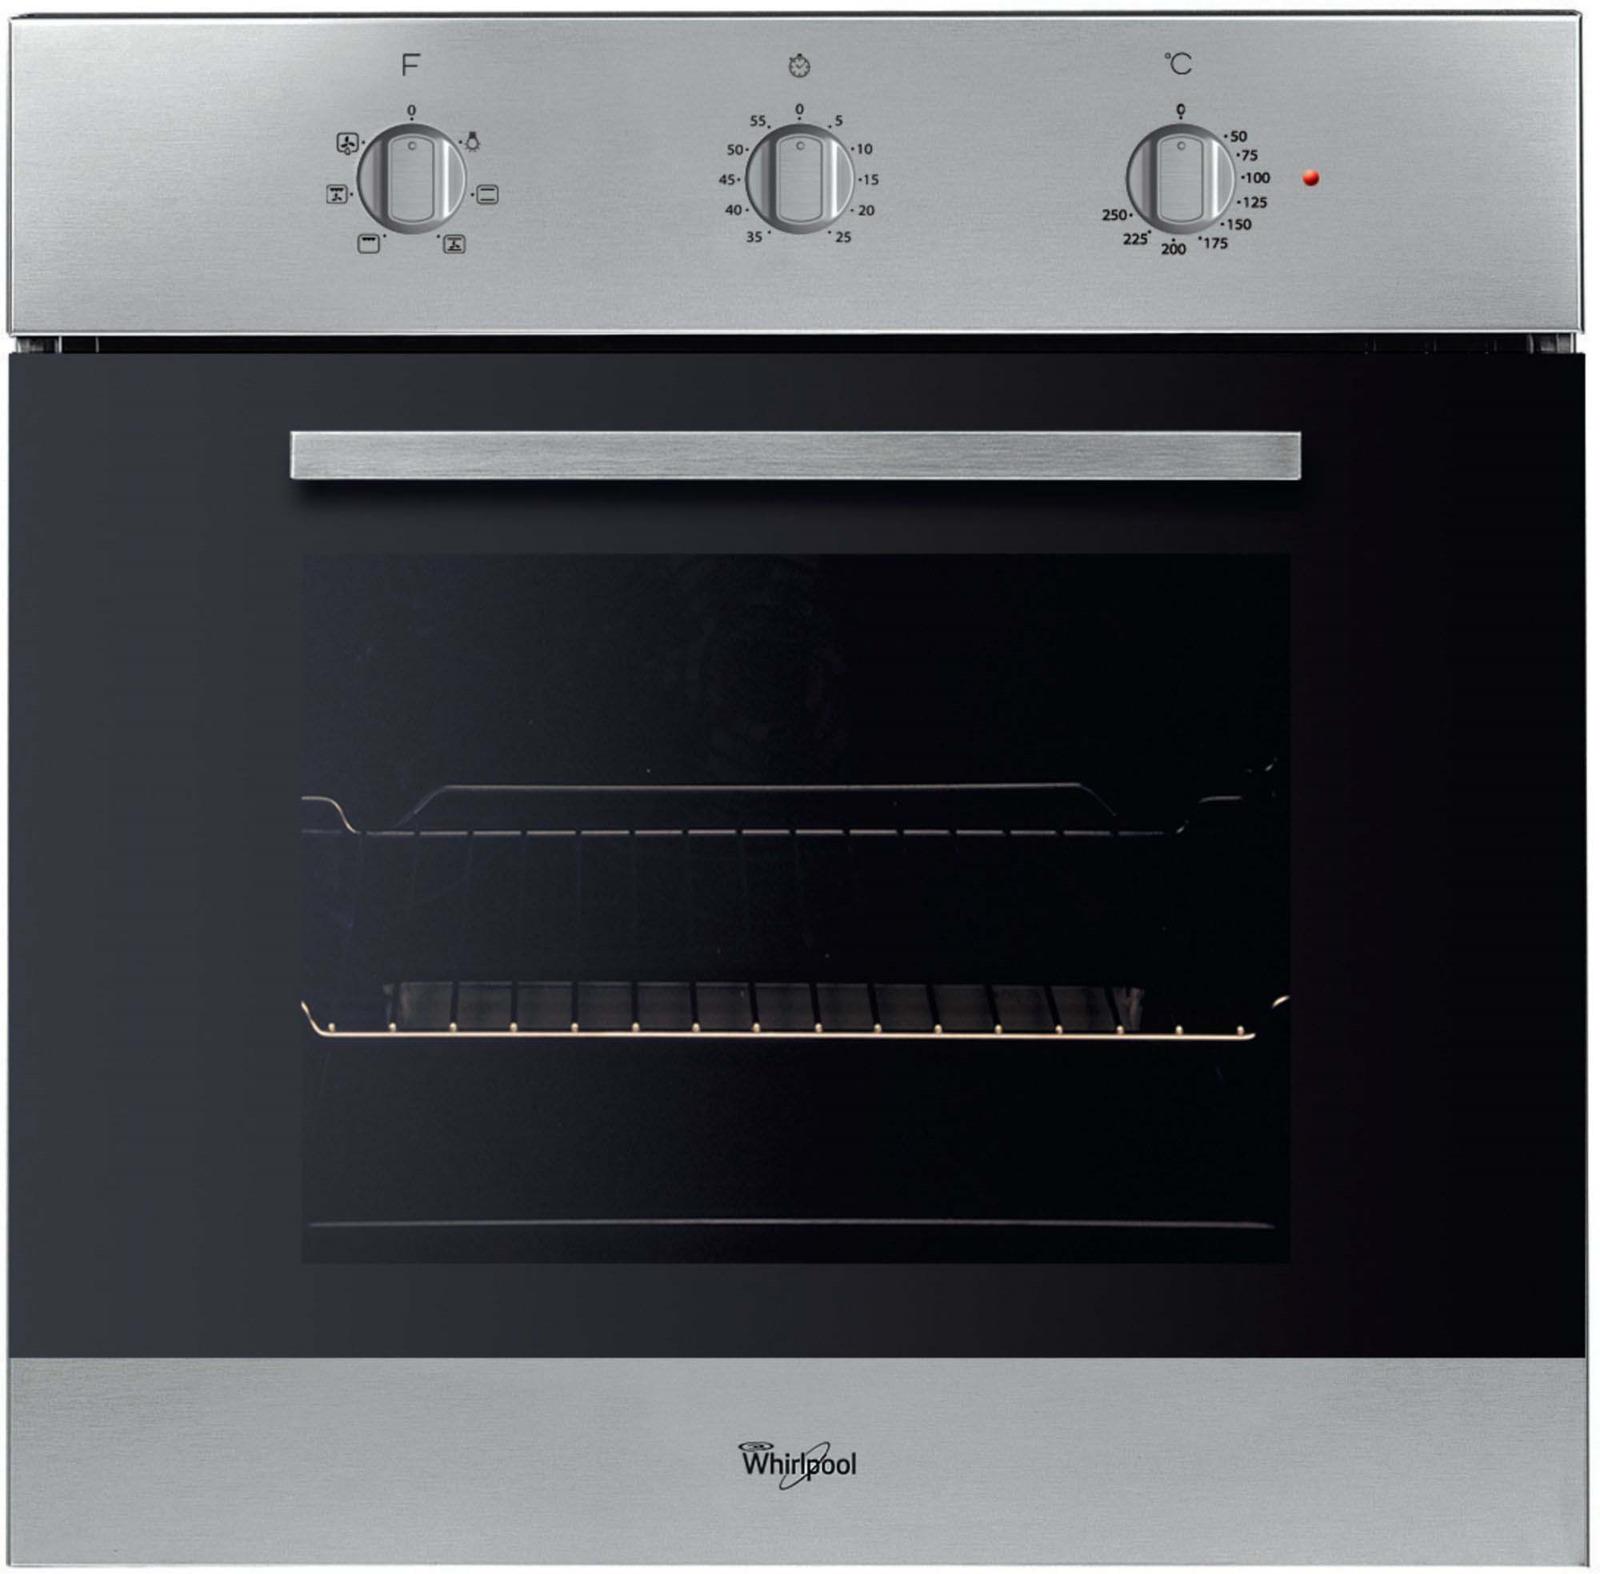 Духовой шкаф Whirlpool AKP 449/IX, встраиваемый, электрический, silver цены онлайн